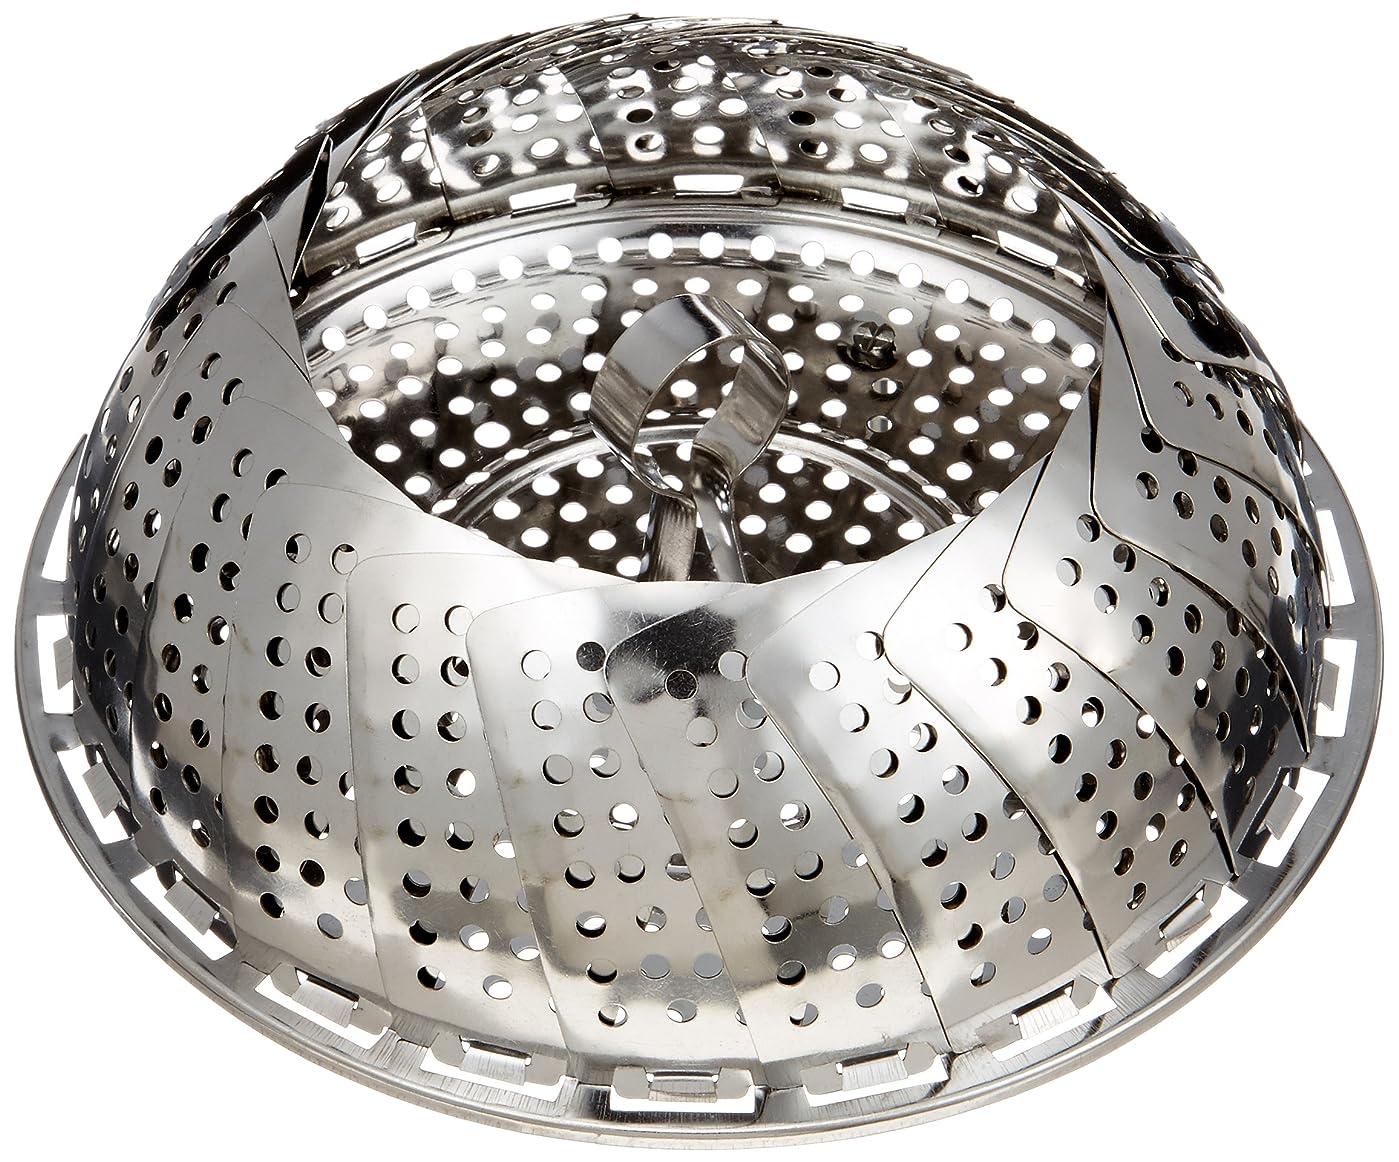 カーペット仲人ルーム和平フレイズ 調理器具 蒸し器 味道 ジャンボ フリーサイズ 日本製 AD-503